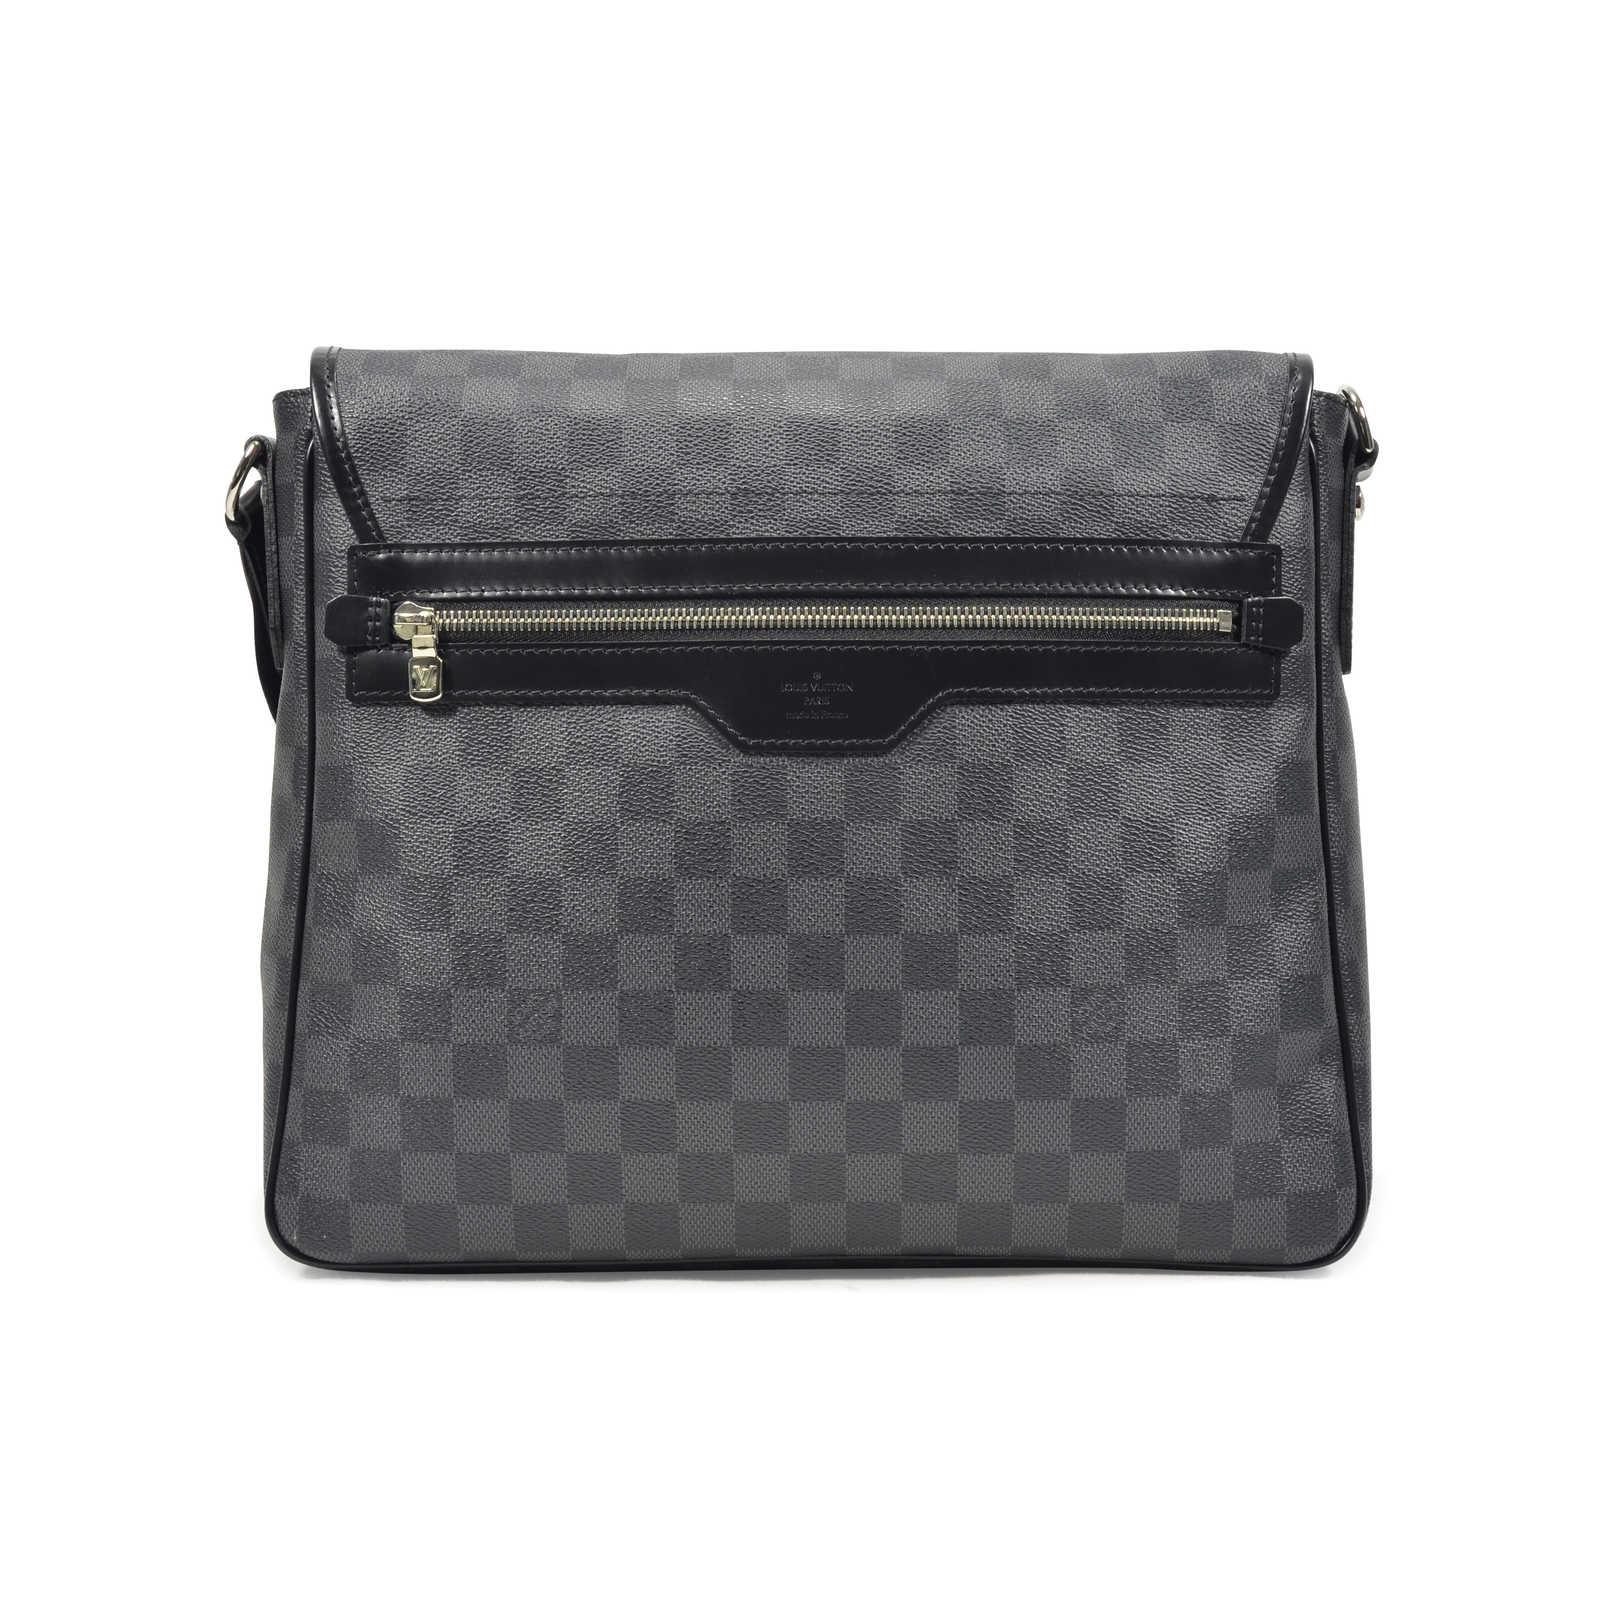 2dbd80601666 ... Authentic Second Hand Louis Vuitton District MM Bag (PSS-311-00017) ...